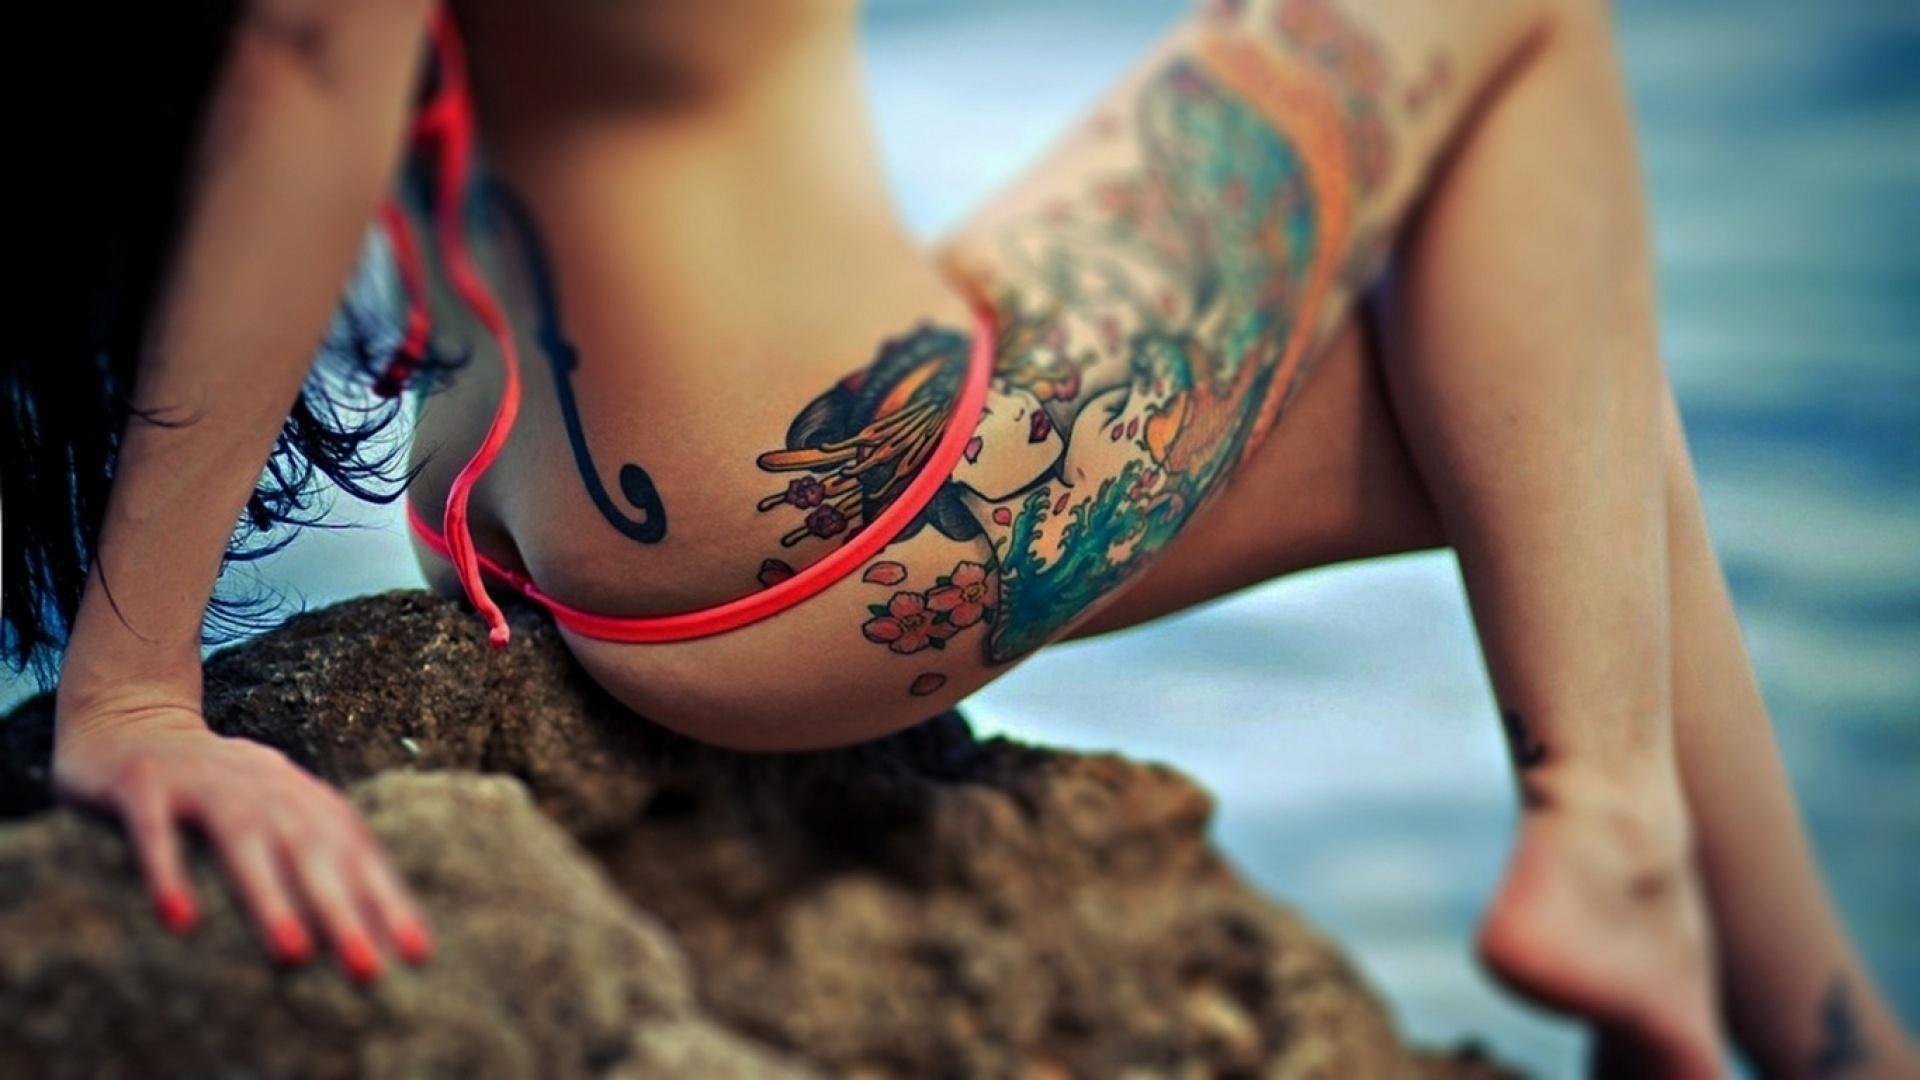 Почему девушки особенно азиаты вставляют вату между пальцов ног 19 фотография